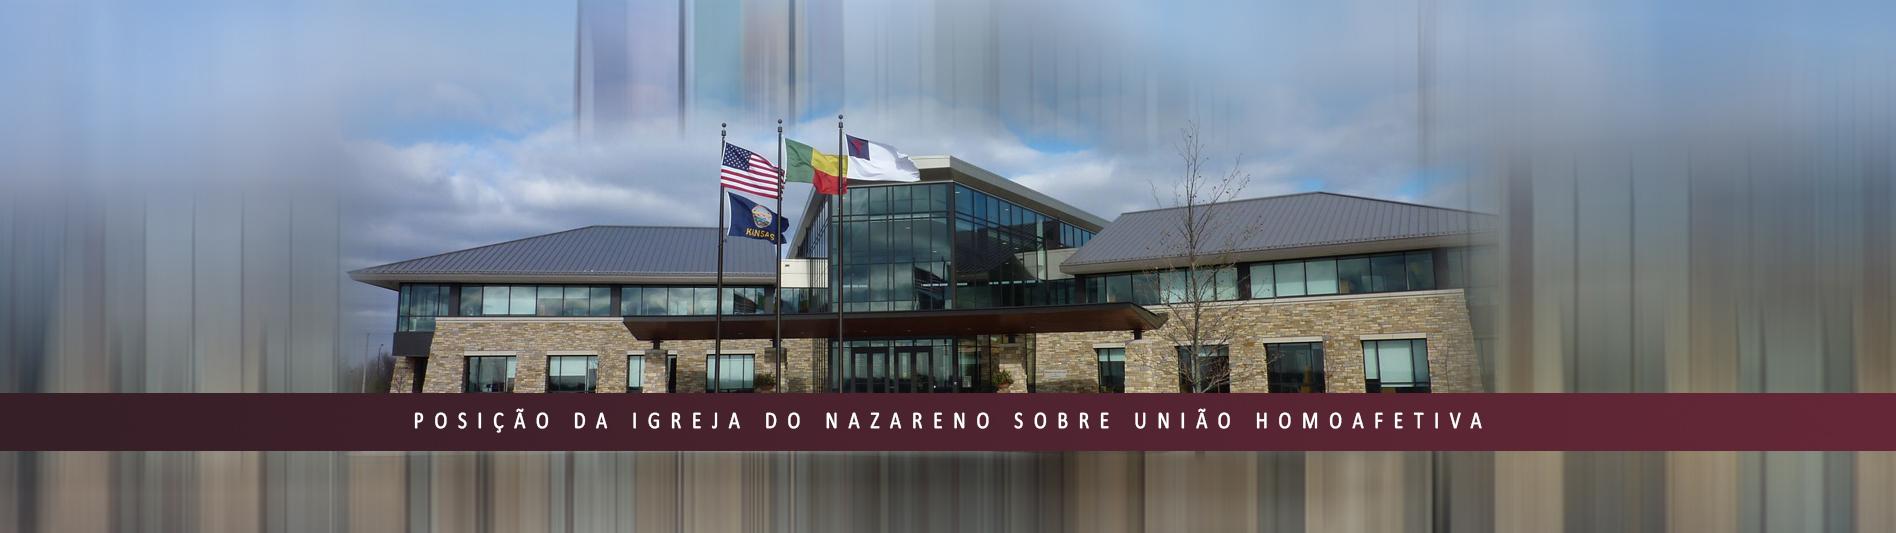 Posição da Igreja do Nazareno sobre união homoafetiva